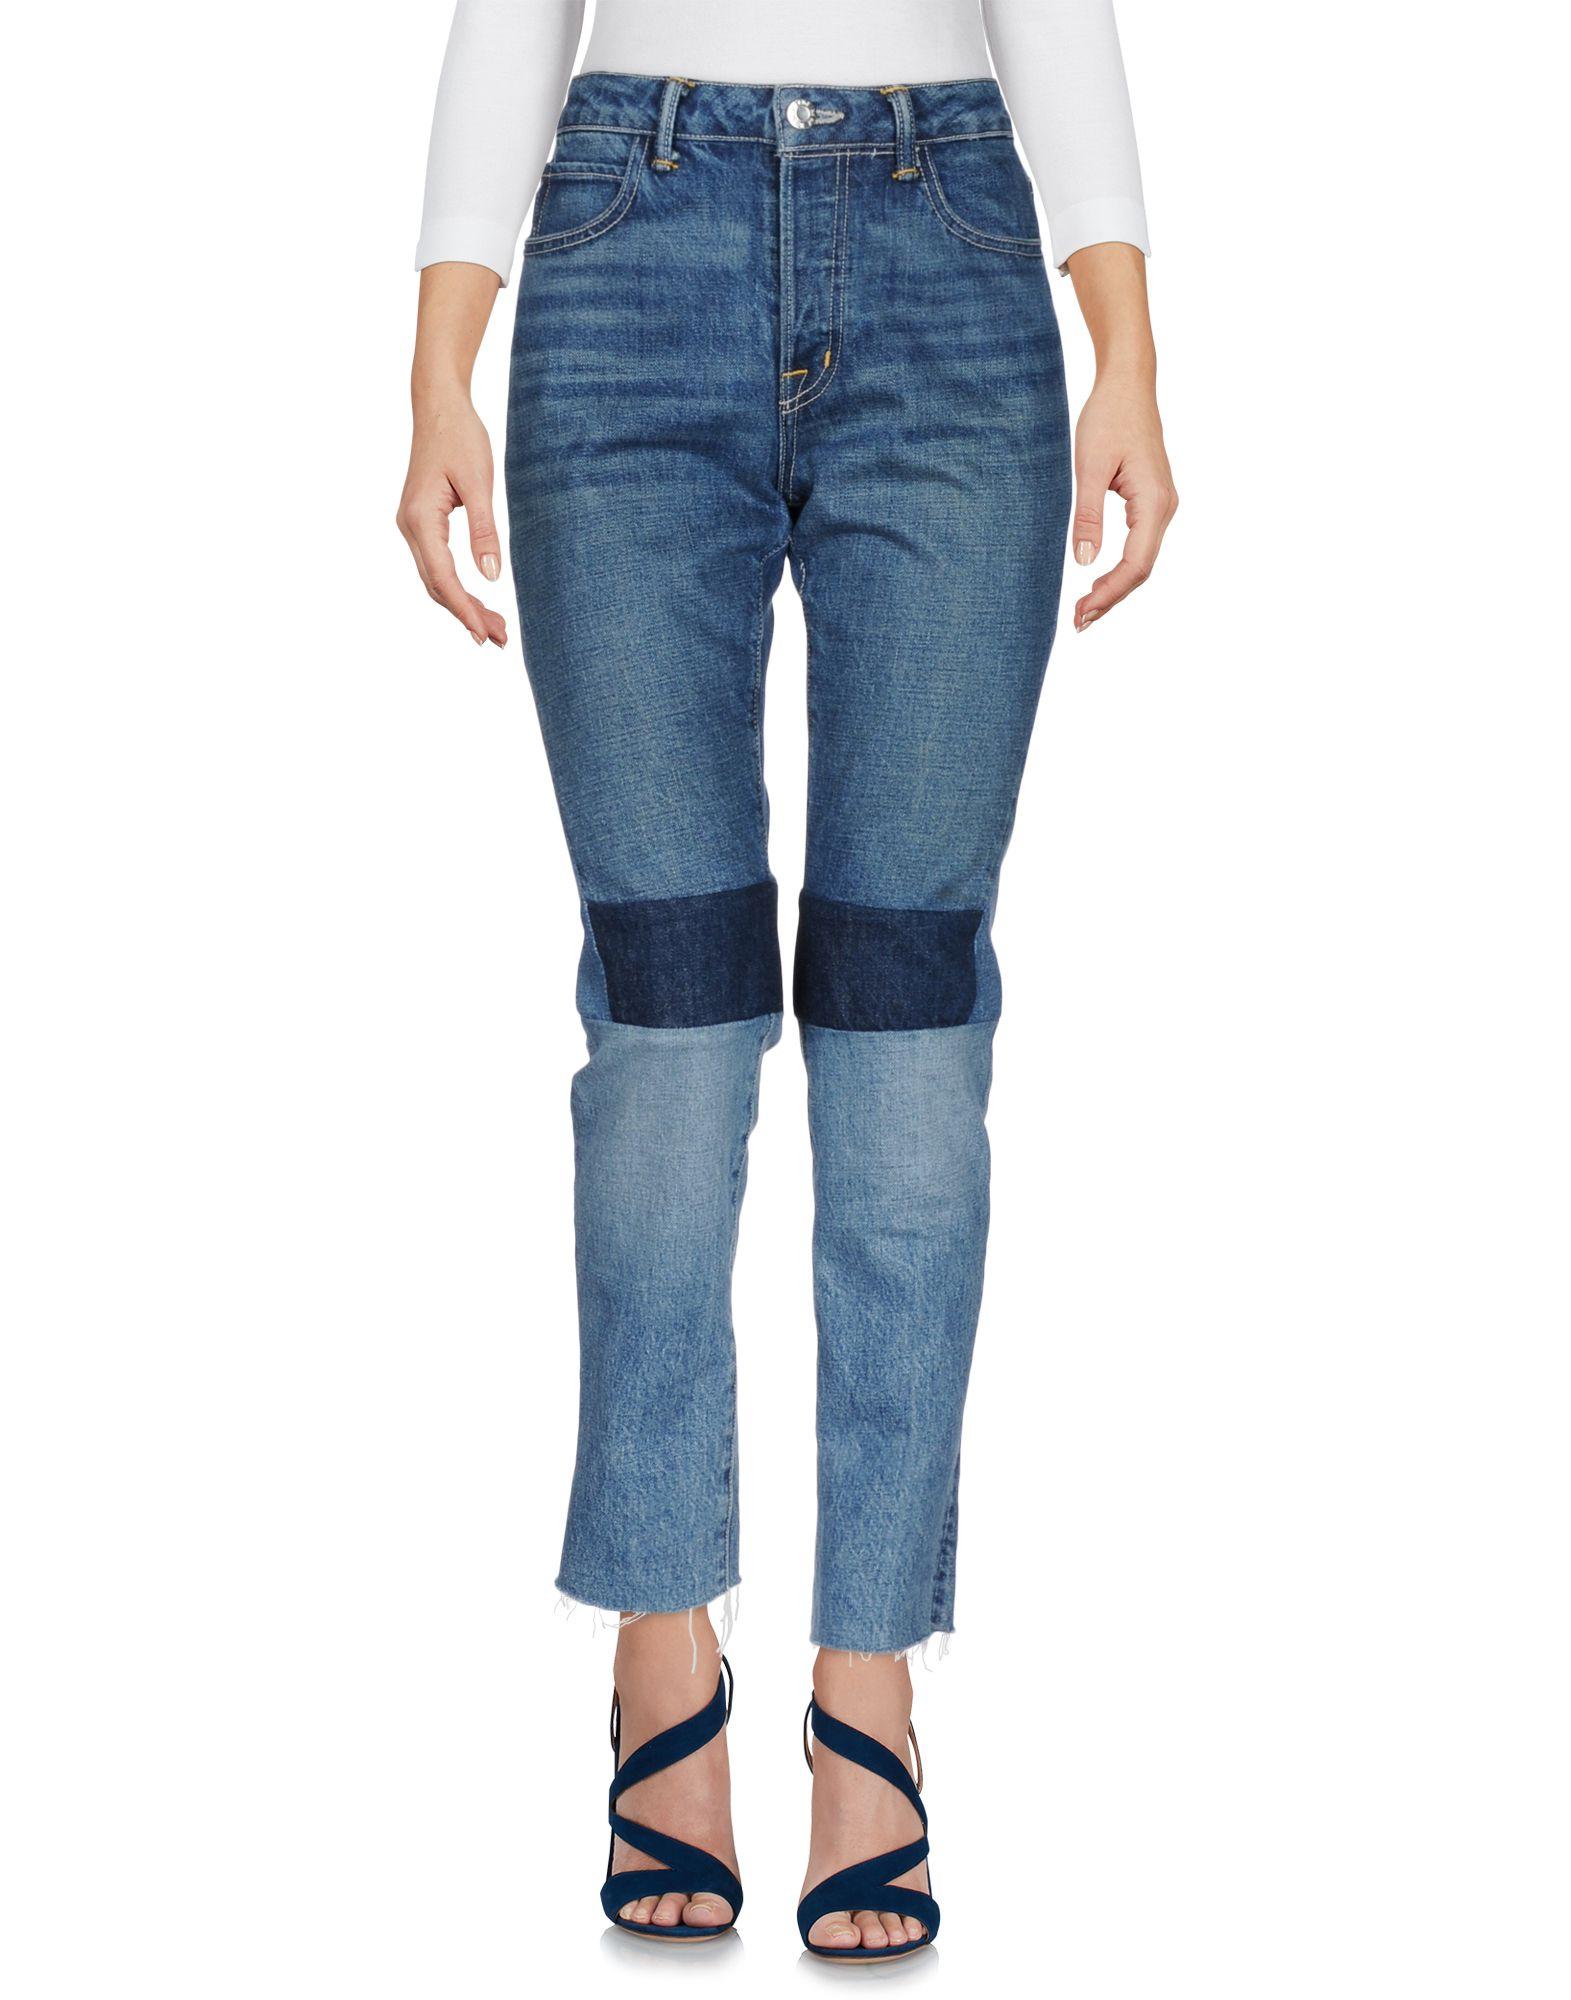 Pantaloni Jeans Helmut Lang Donna - Acquista online su tWbT69A